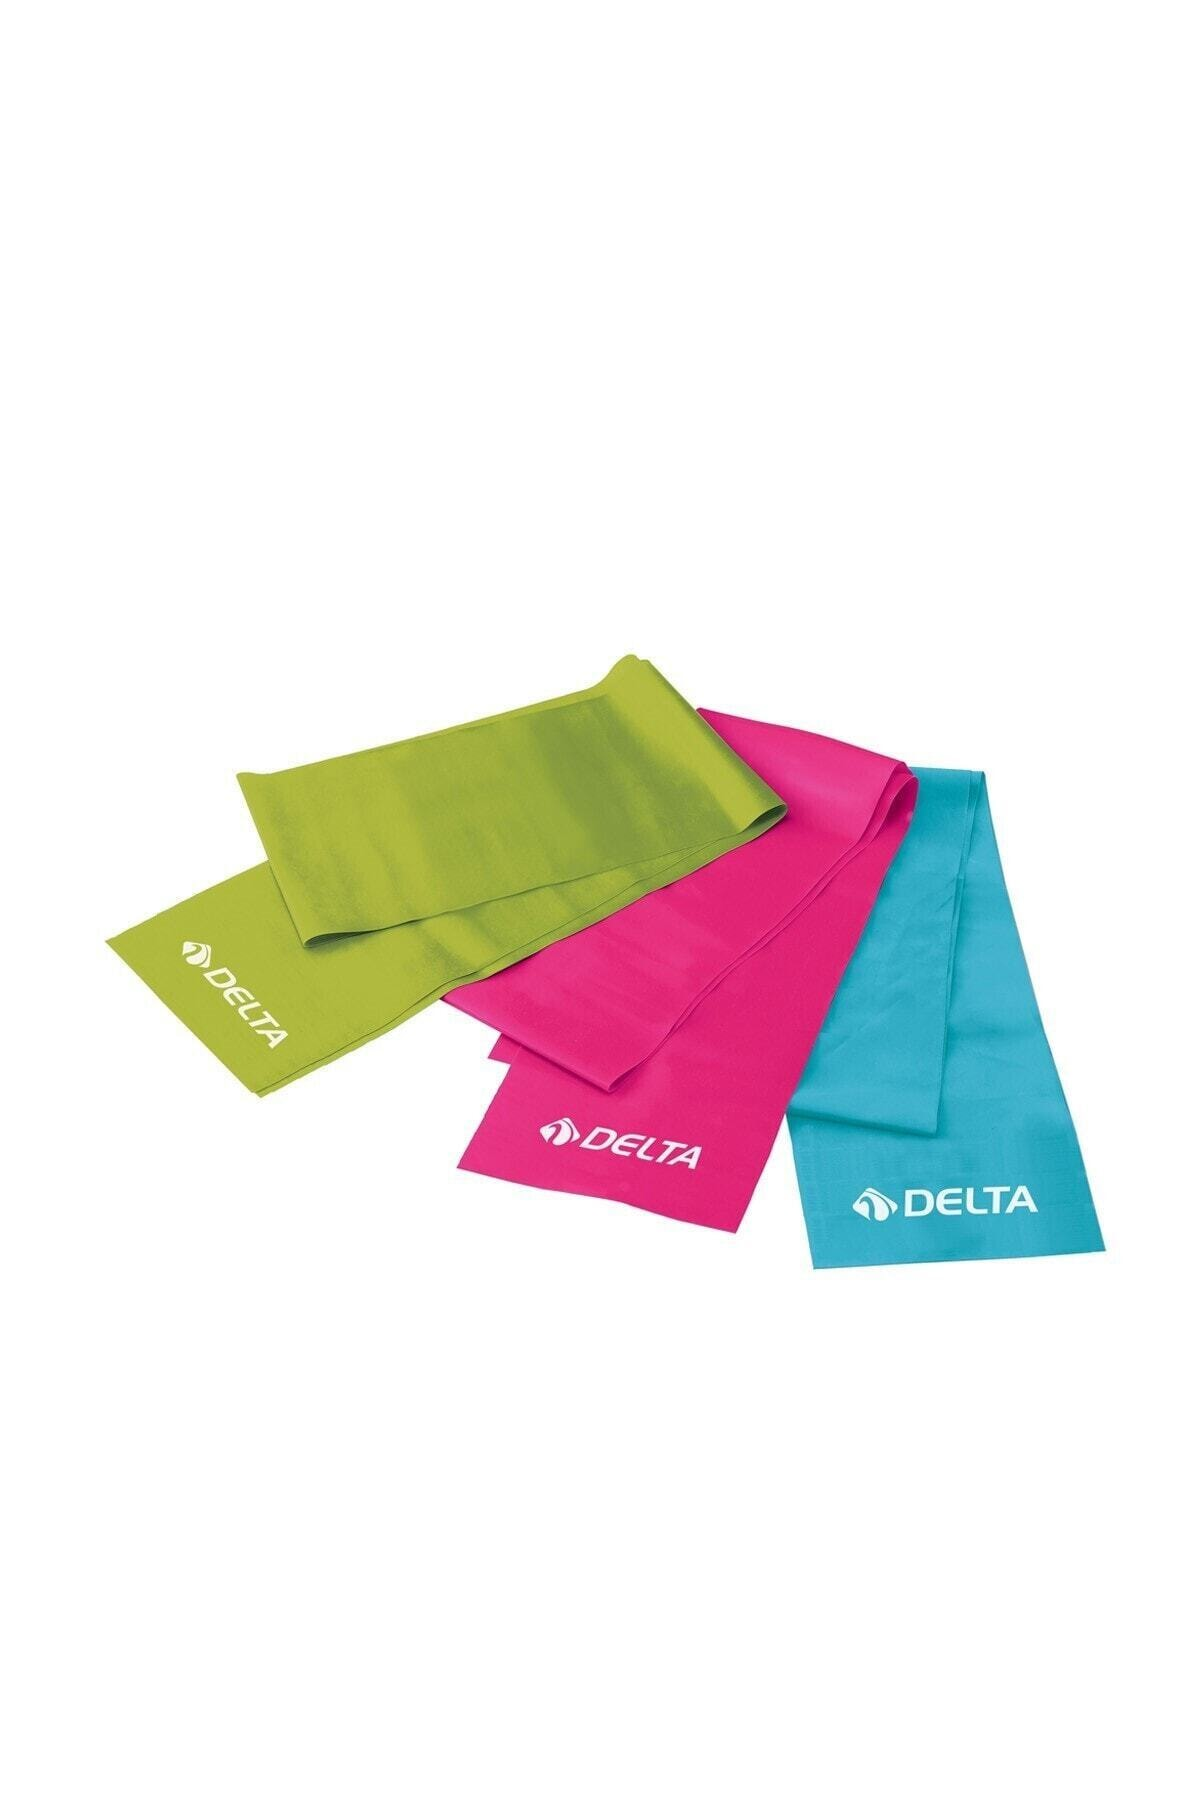 Delta 3 'lü Pilates Bandı 150 cm x 15 cm Egzersiz Direnç Lastiği 1